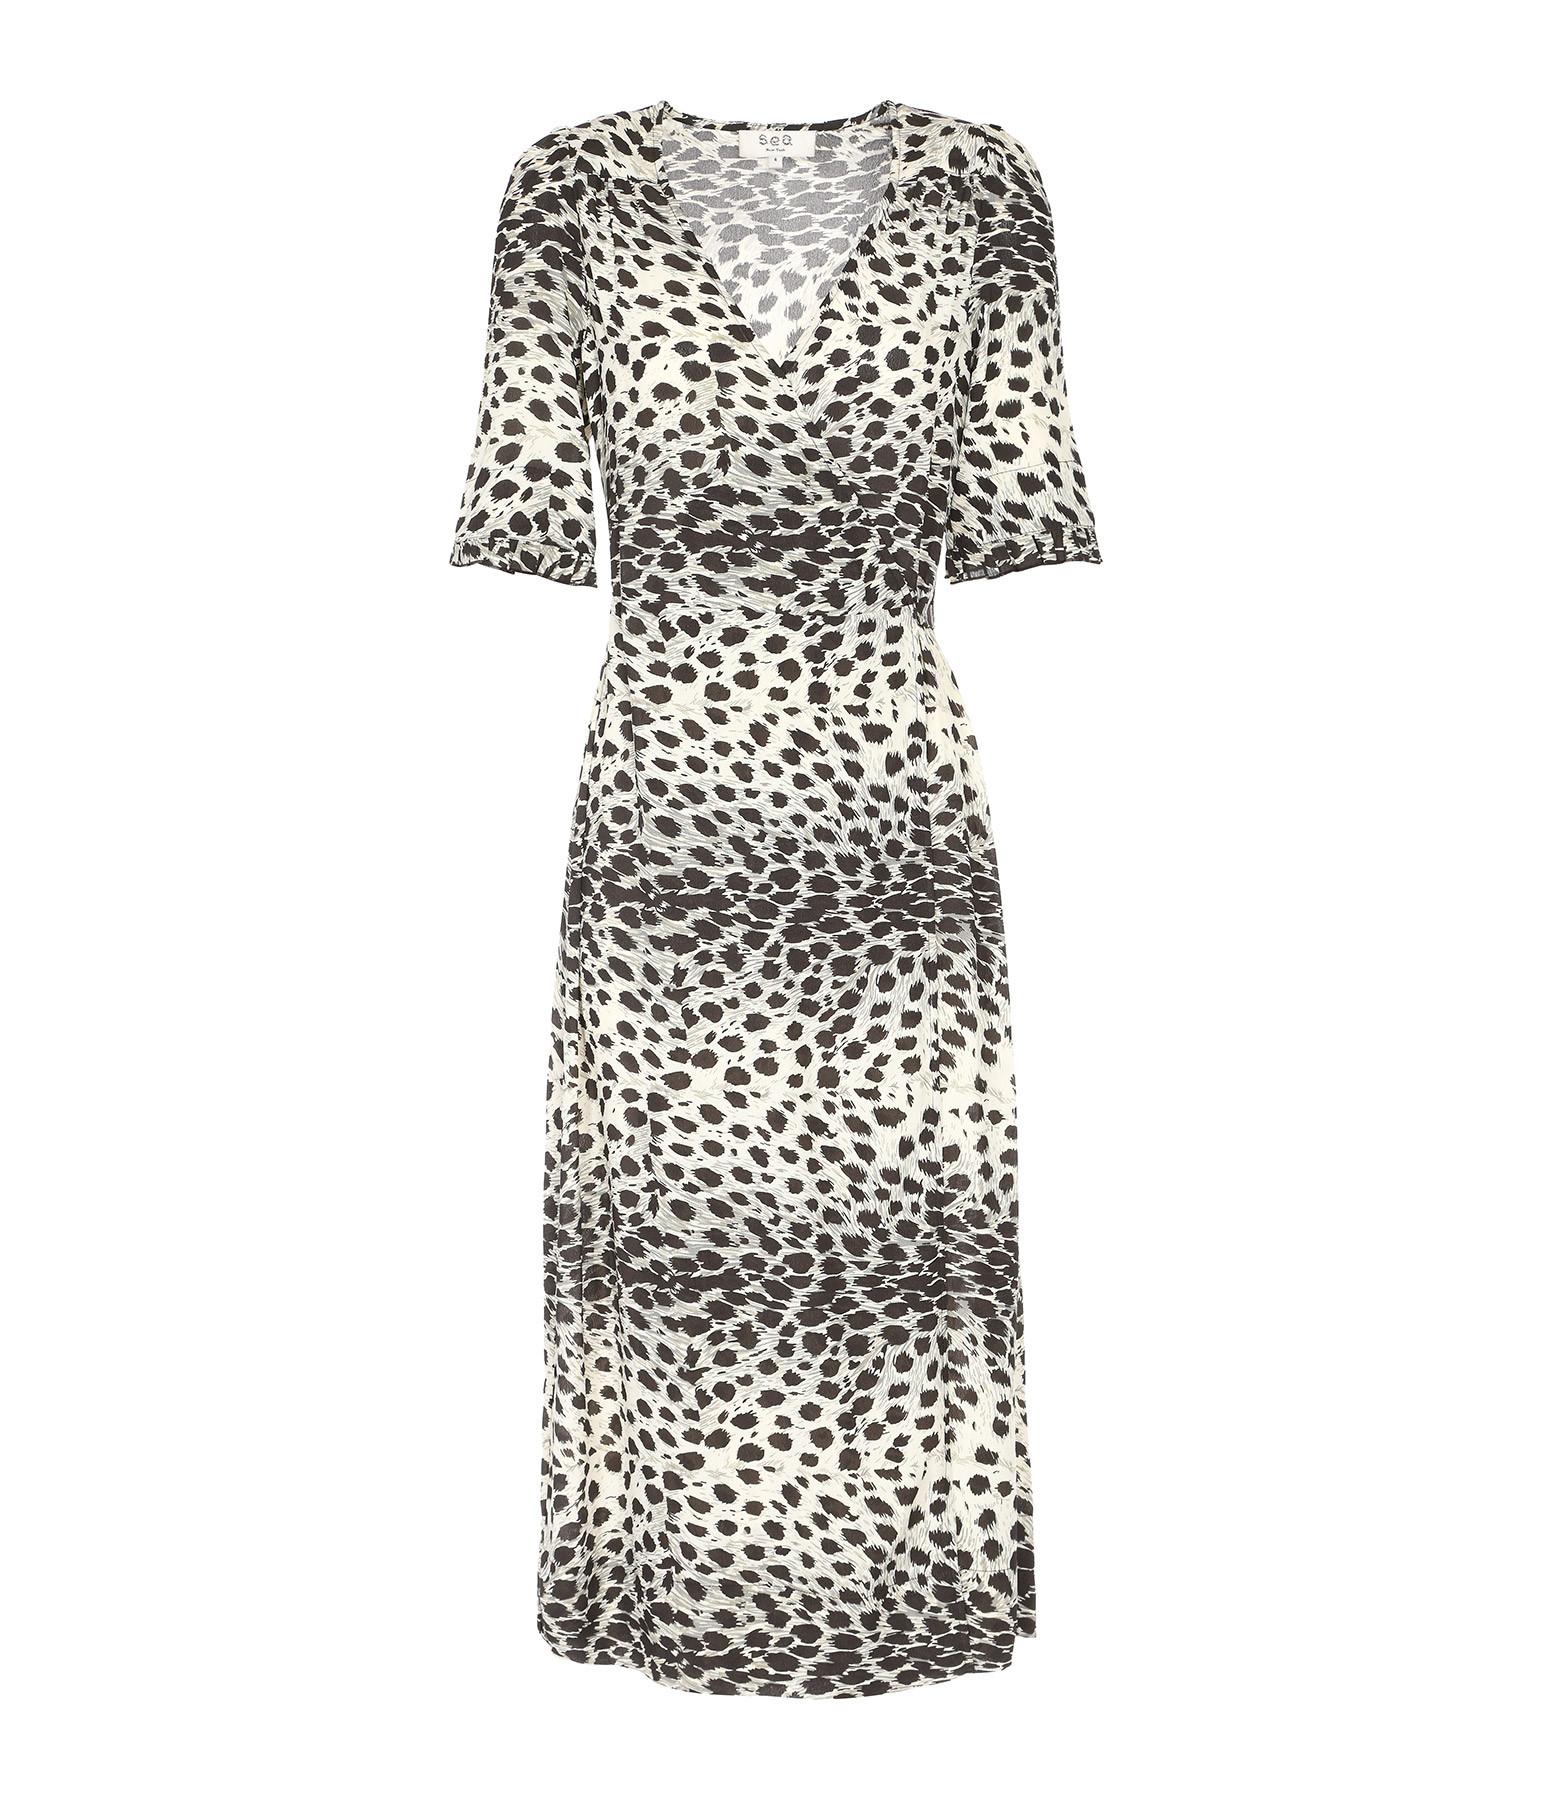 Vestido Vestido Natural Natural Monedero Vestido Monedero Monedero Leopardo Leopardo Leopardo cRLA43q5jS